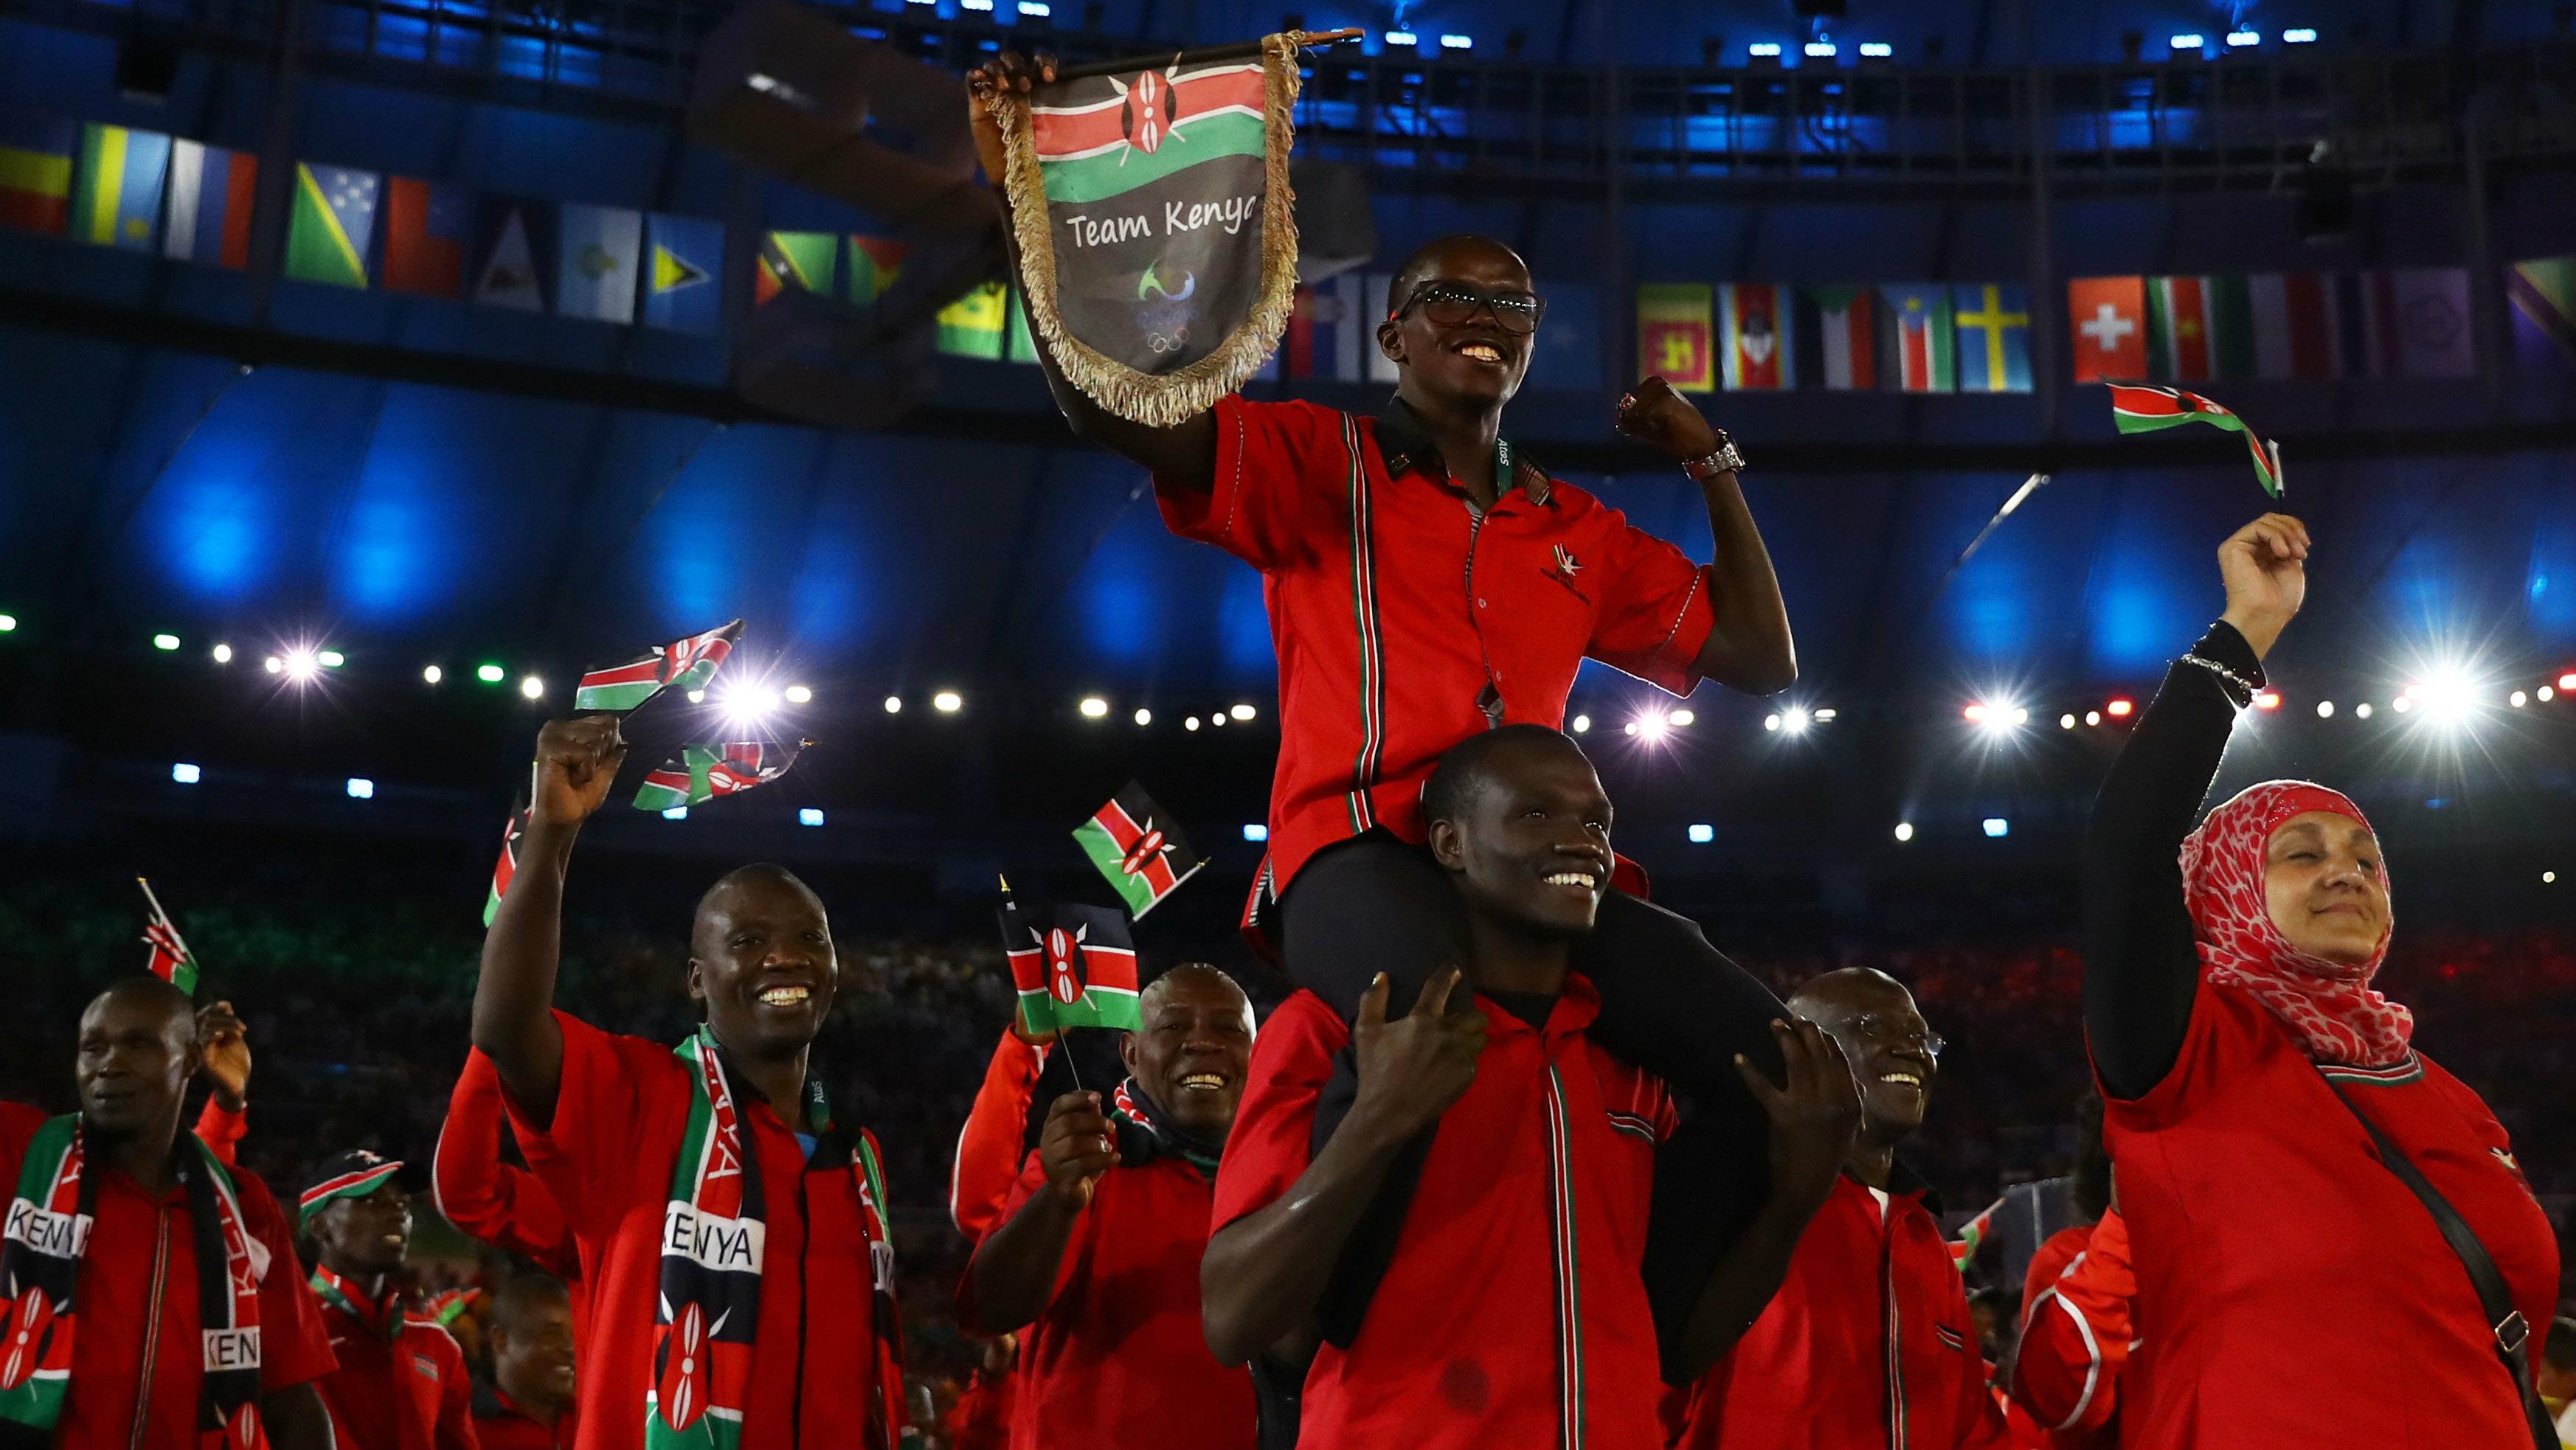 2016 Rio Olympics - Opening ceremony - Maracana - Rio de Janeiro, Brazil - 05/08/2016. Kenya's team arrives for the opening ceremony.